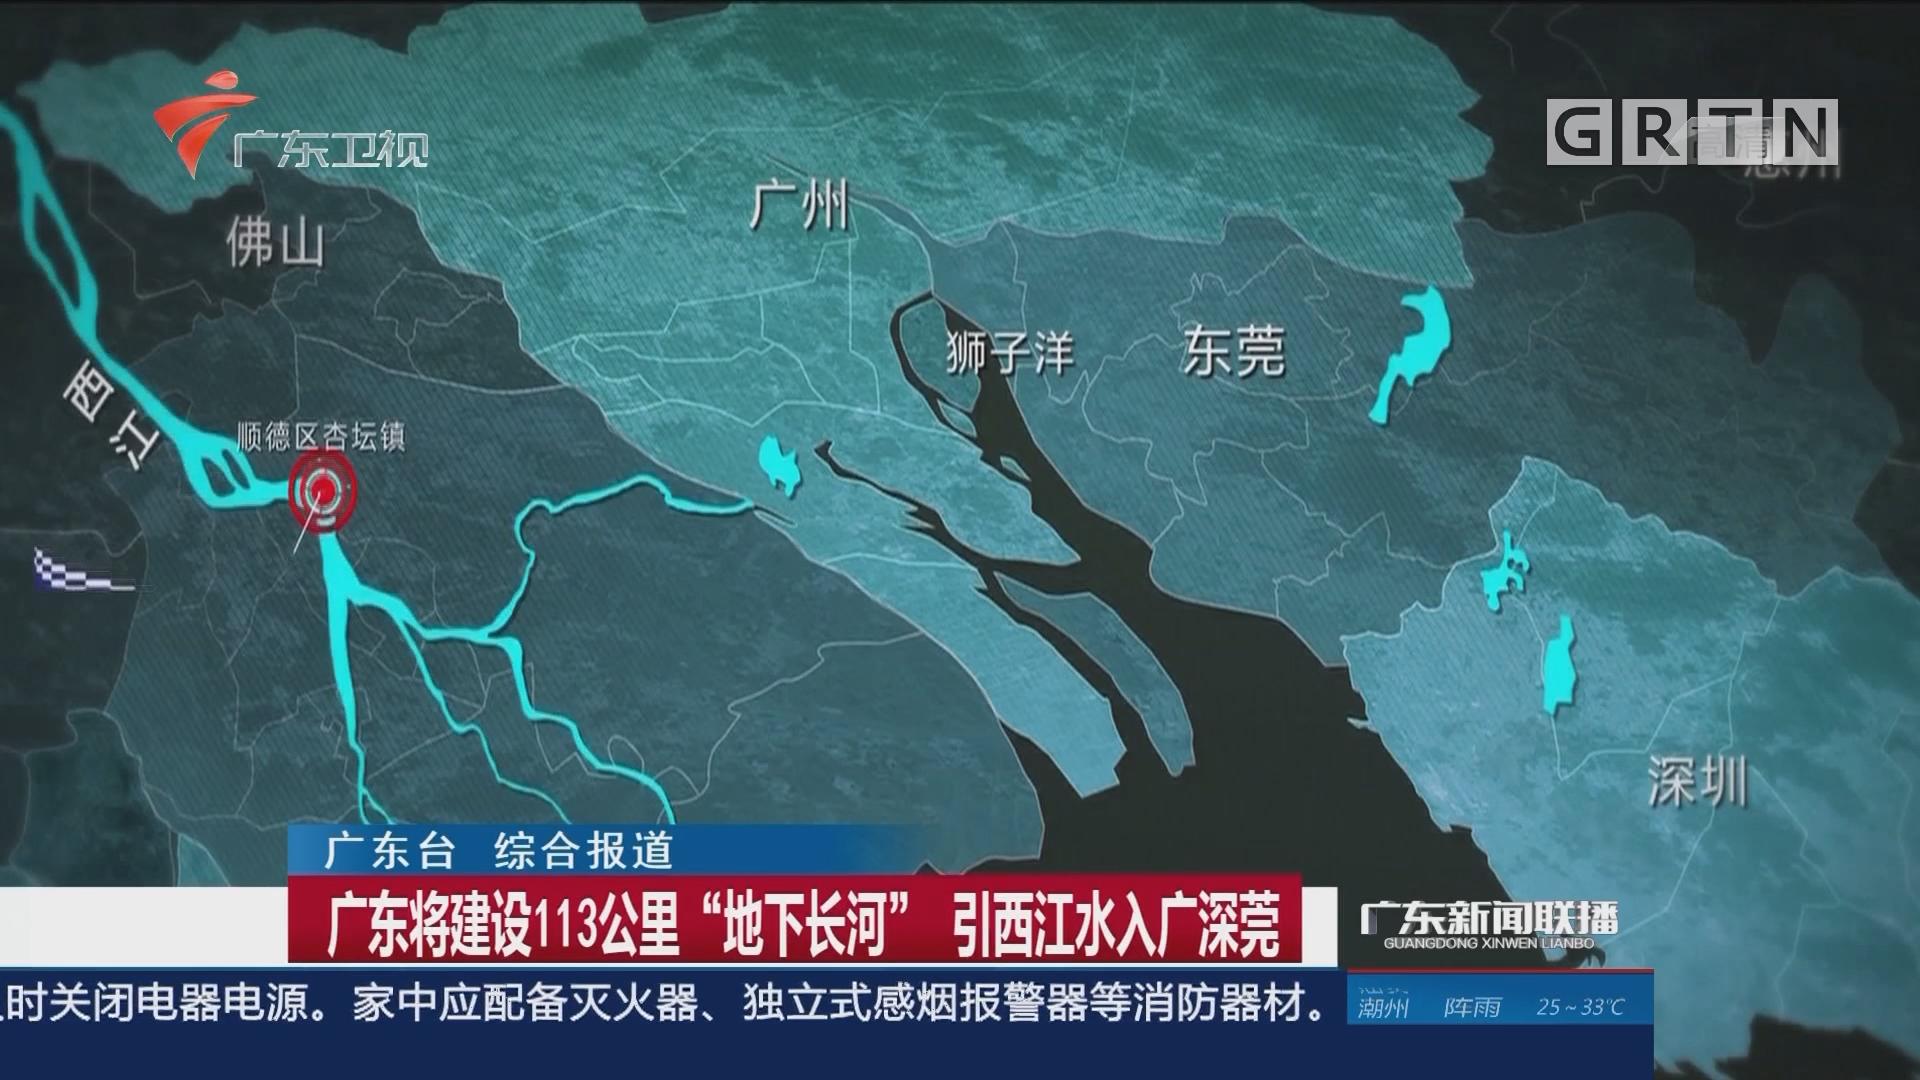 """广东将建设113公里""""地下长河"""" 引西江水入广深莞"""